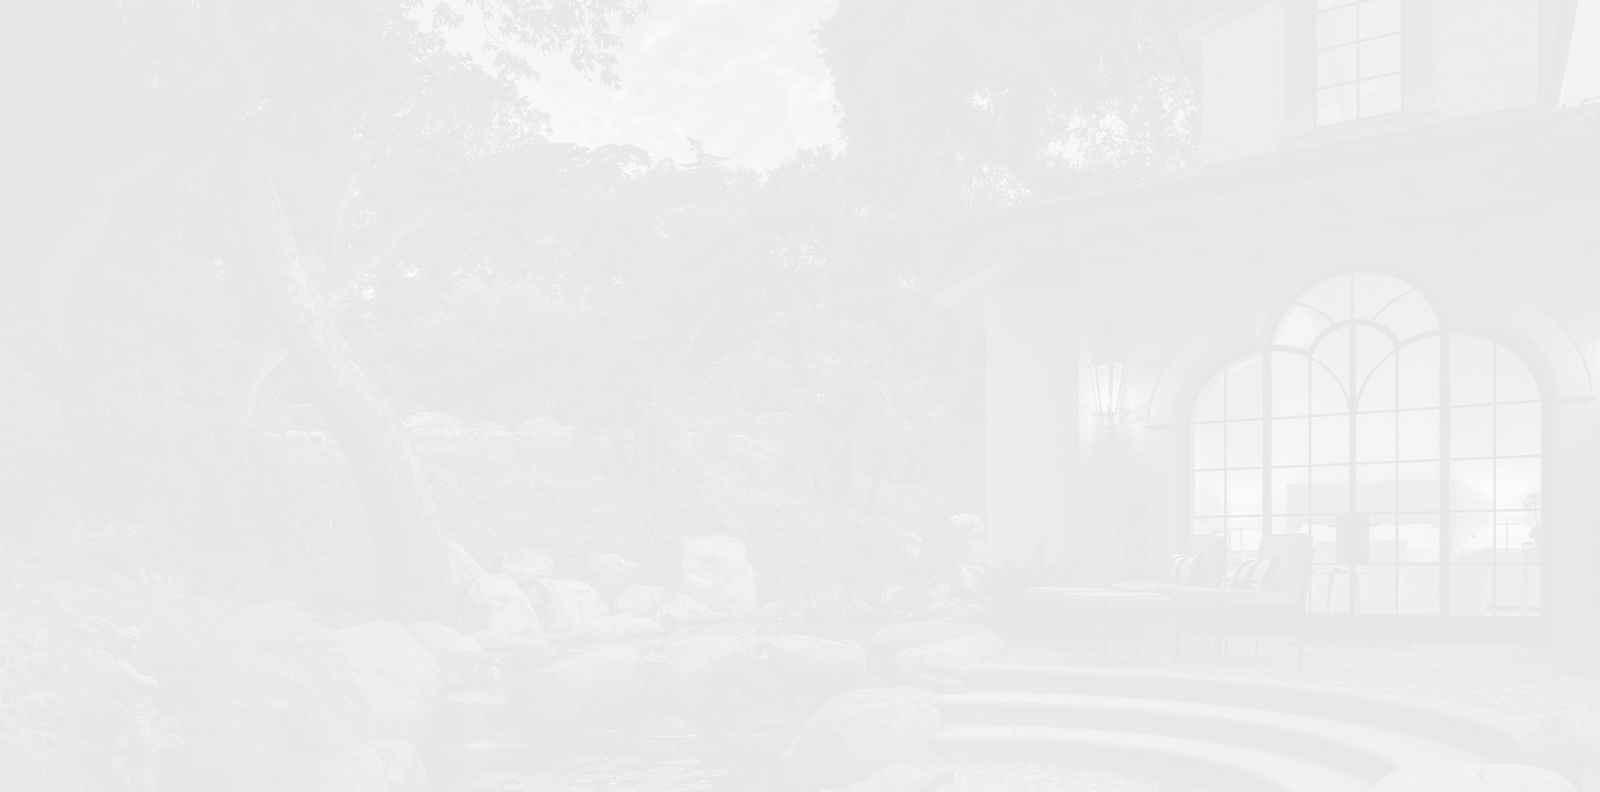 Кейти Пери, Орландо Блум и едно разкошно имение за 10 милиона долара (ГАЛЕРИЯ)